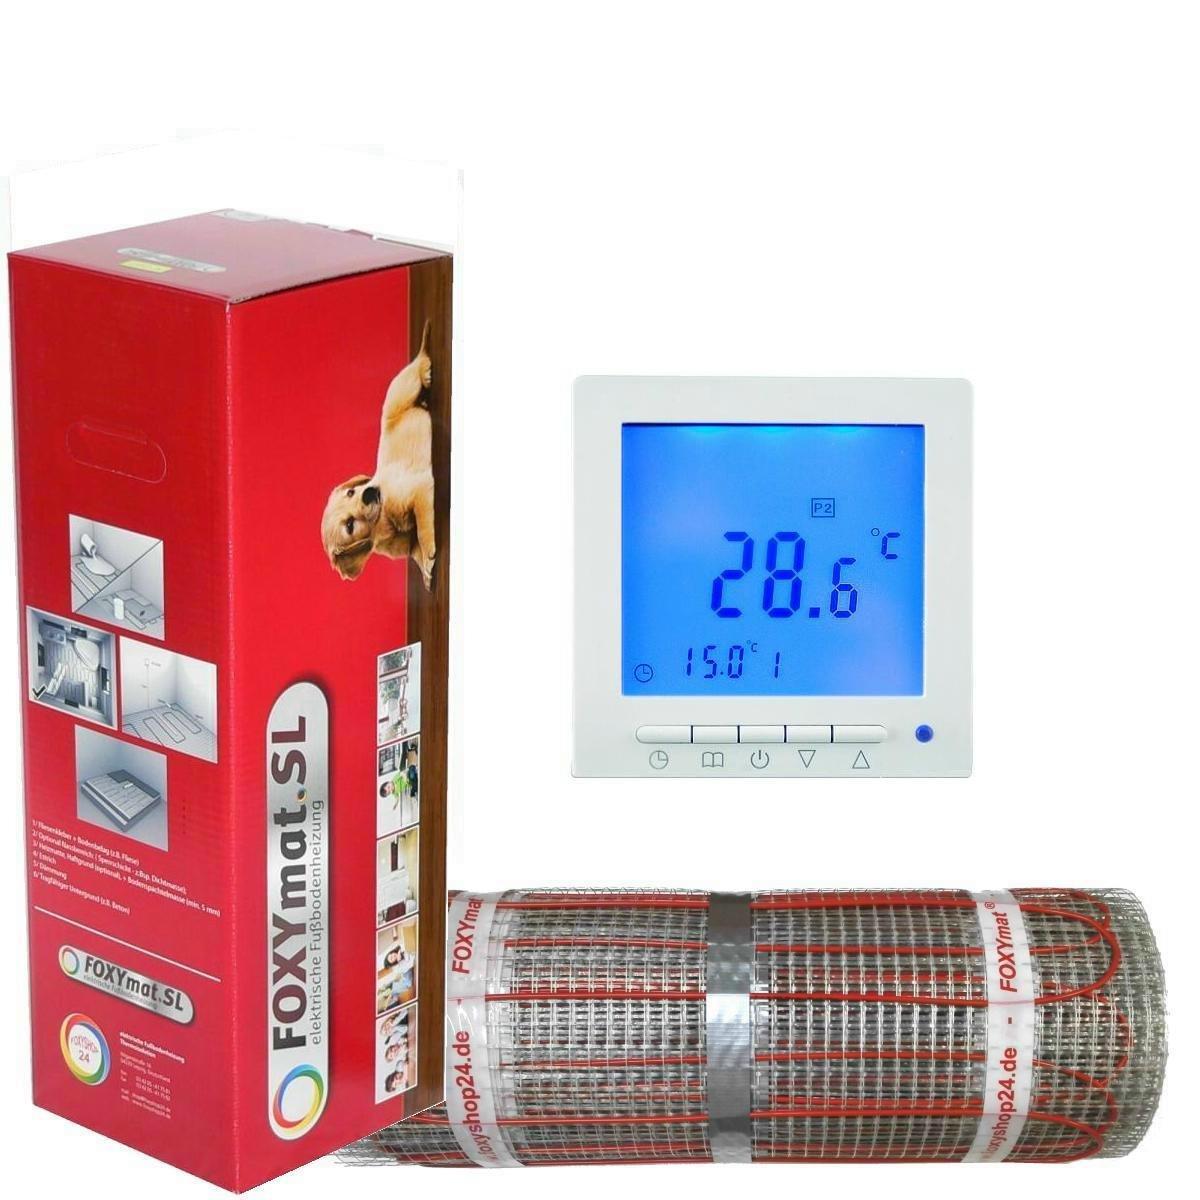 3.5 m/² mit Thermostat QM-BLUE,Komplett-Set 200 Watt pro m/²,f/ür die schnelle Erw/ärmung FOXYSHOP24-elektrische Fu/ßbodenheizung PREMIUM MARKE FOXYMAT.SL RAPID 0.5m x 7m